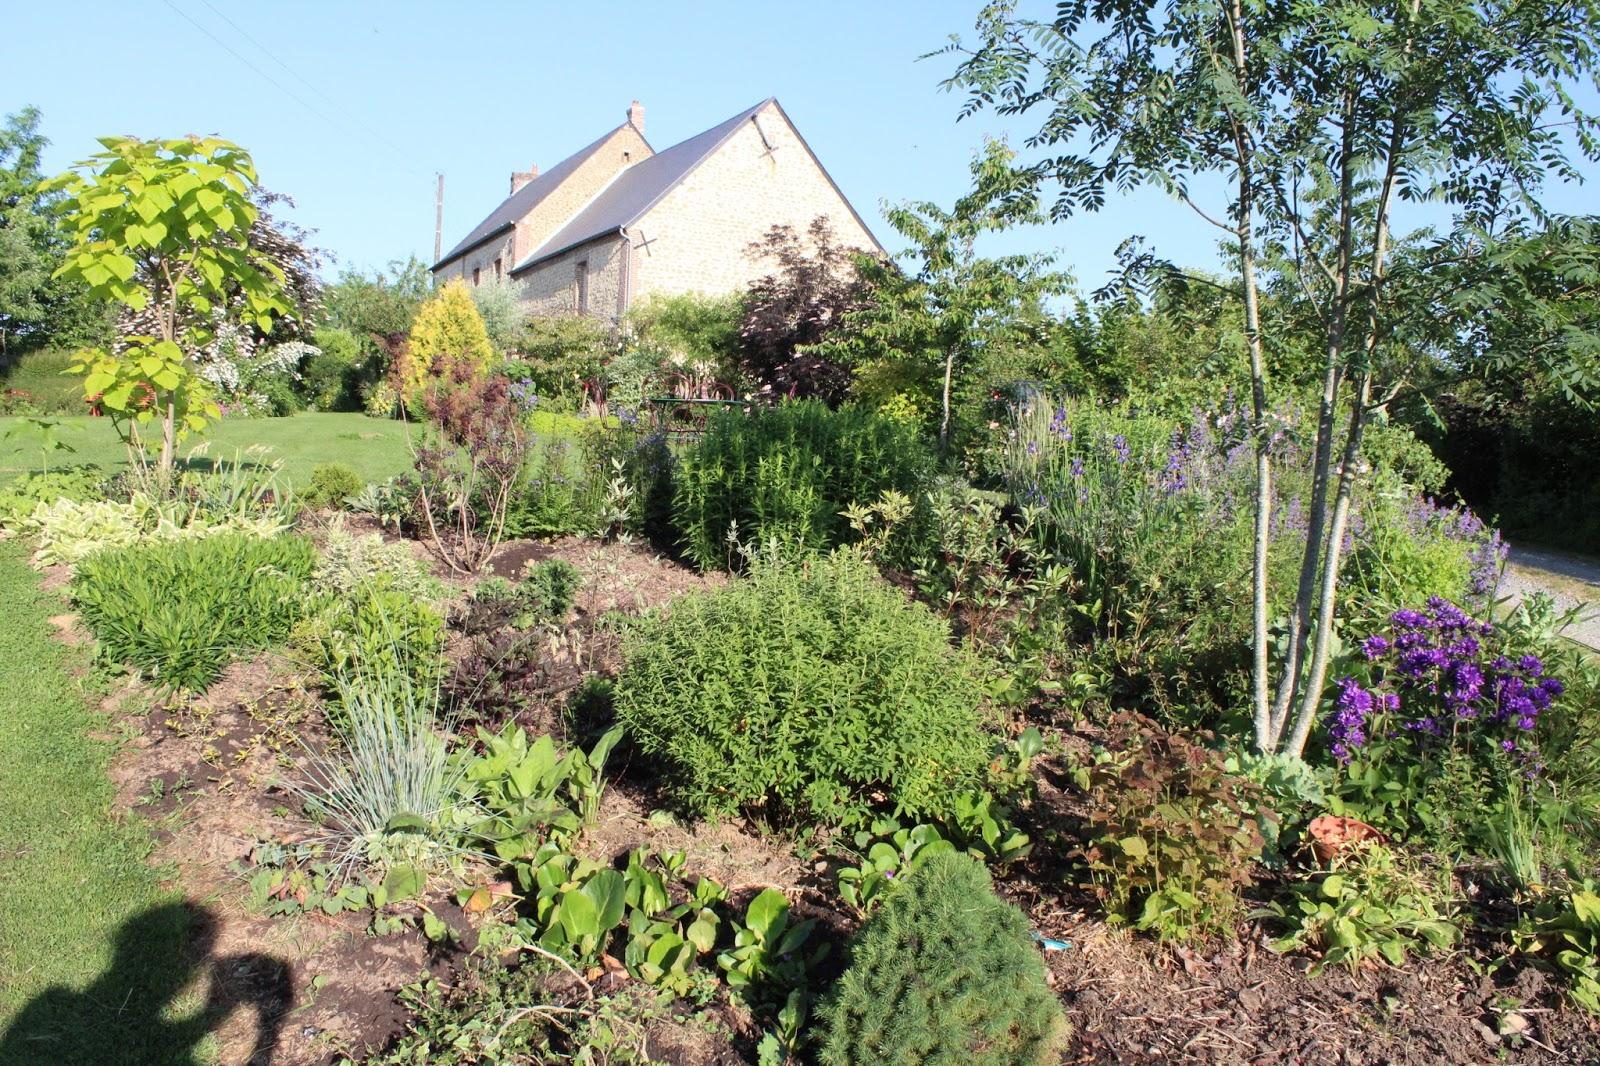 chambres d 39 h tes au jardin des violettes catalpa aur a. Black Bedroom Furniture Sets. Home Design Ideas